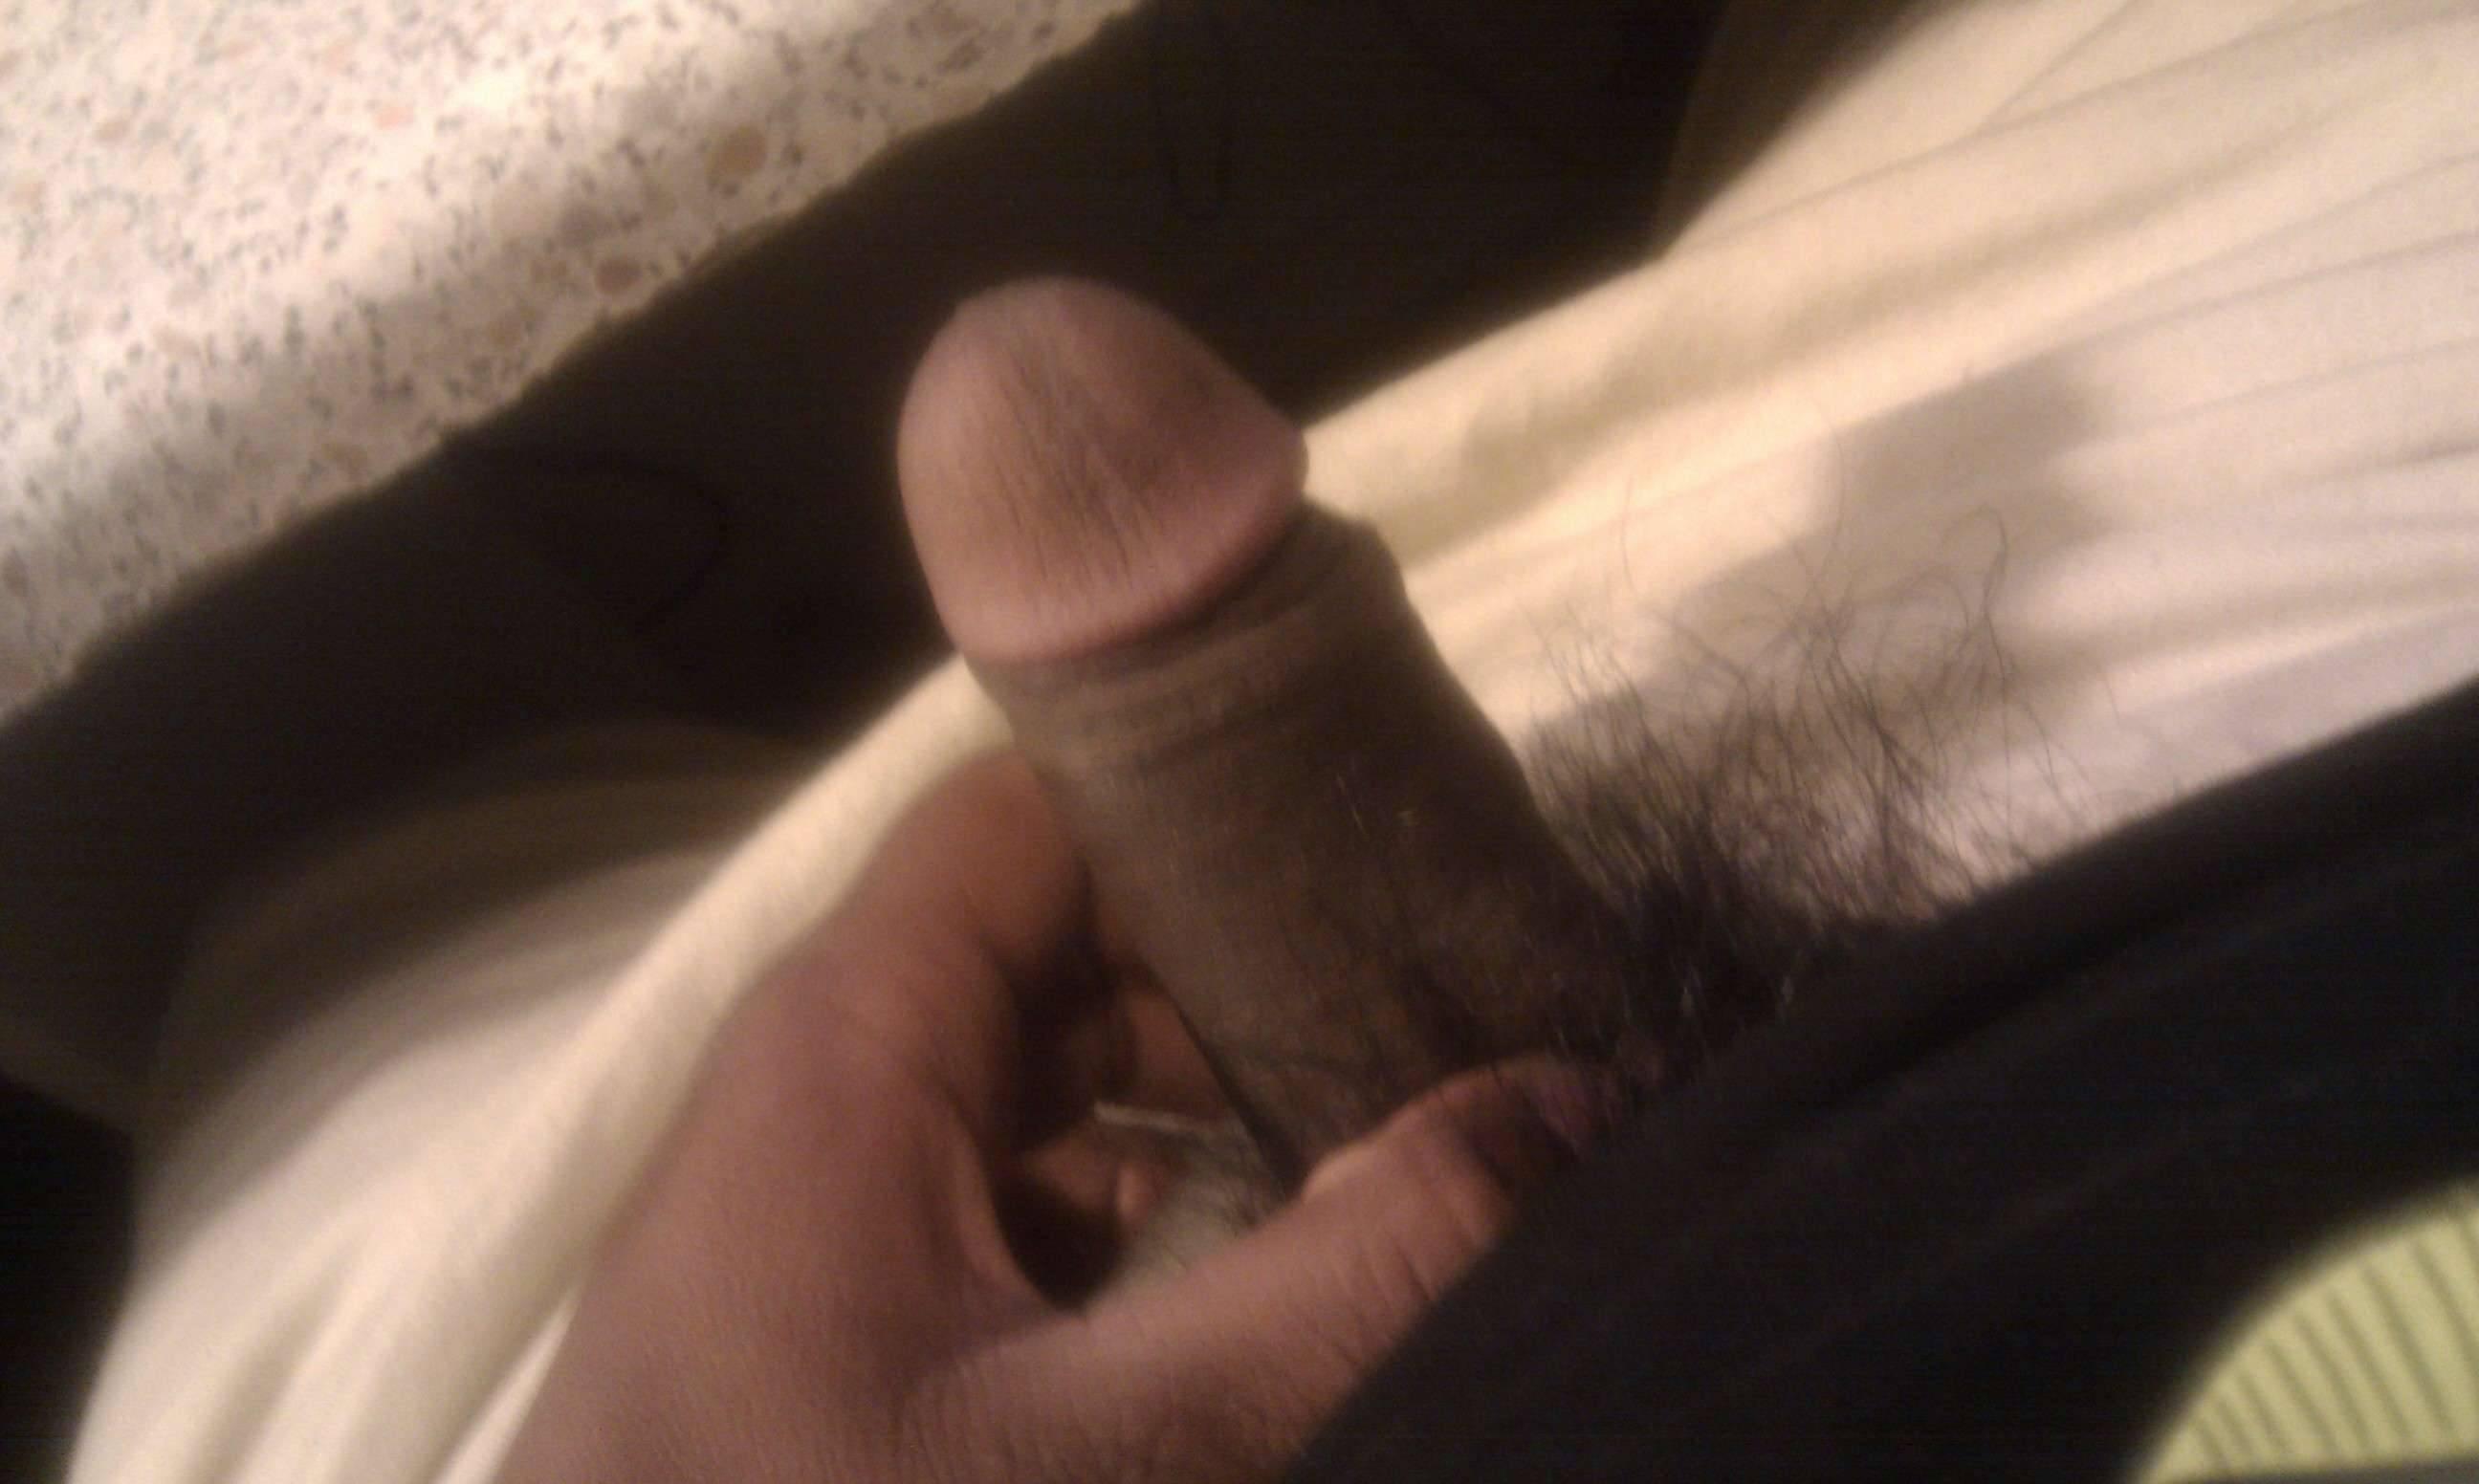 jamie lynn spears naked having sex